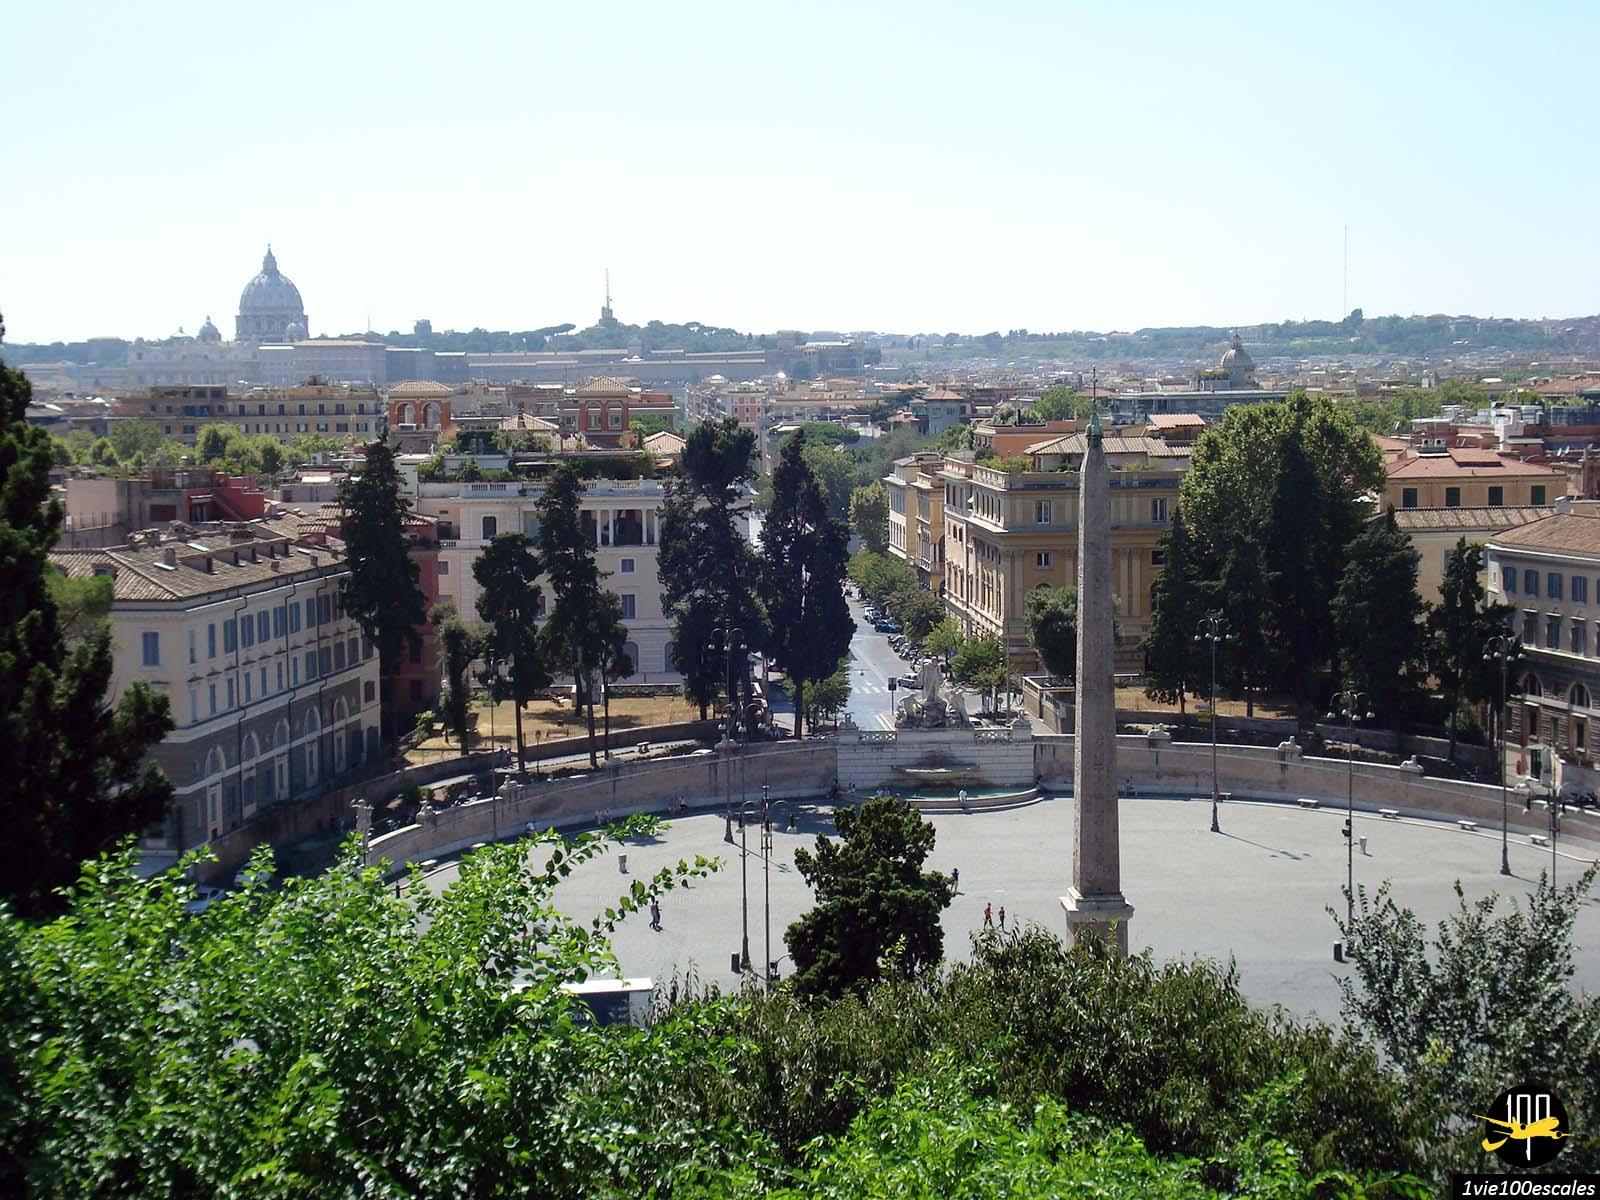 Escale #006 Rome